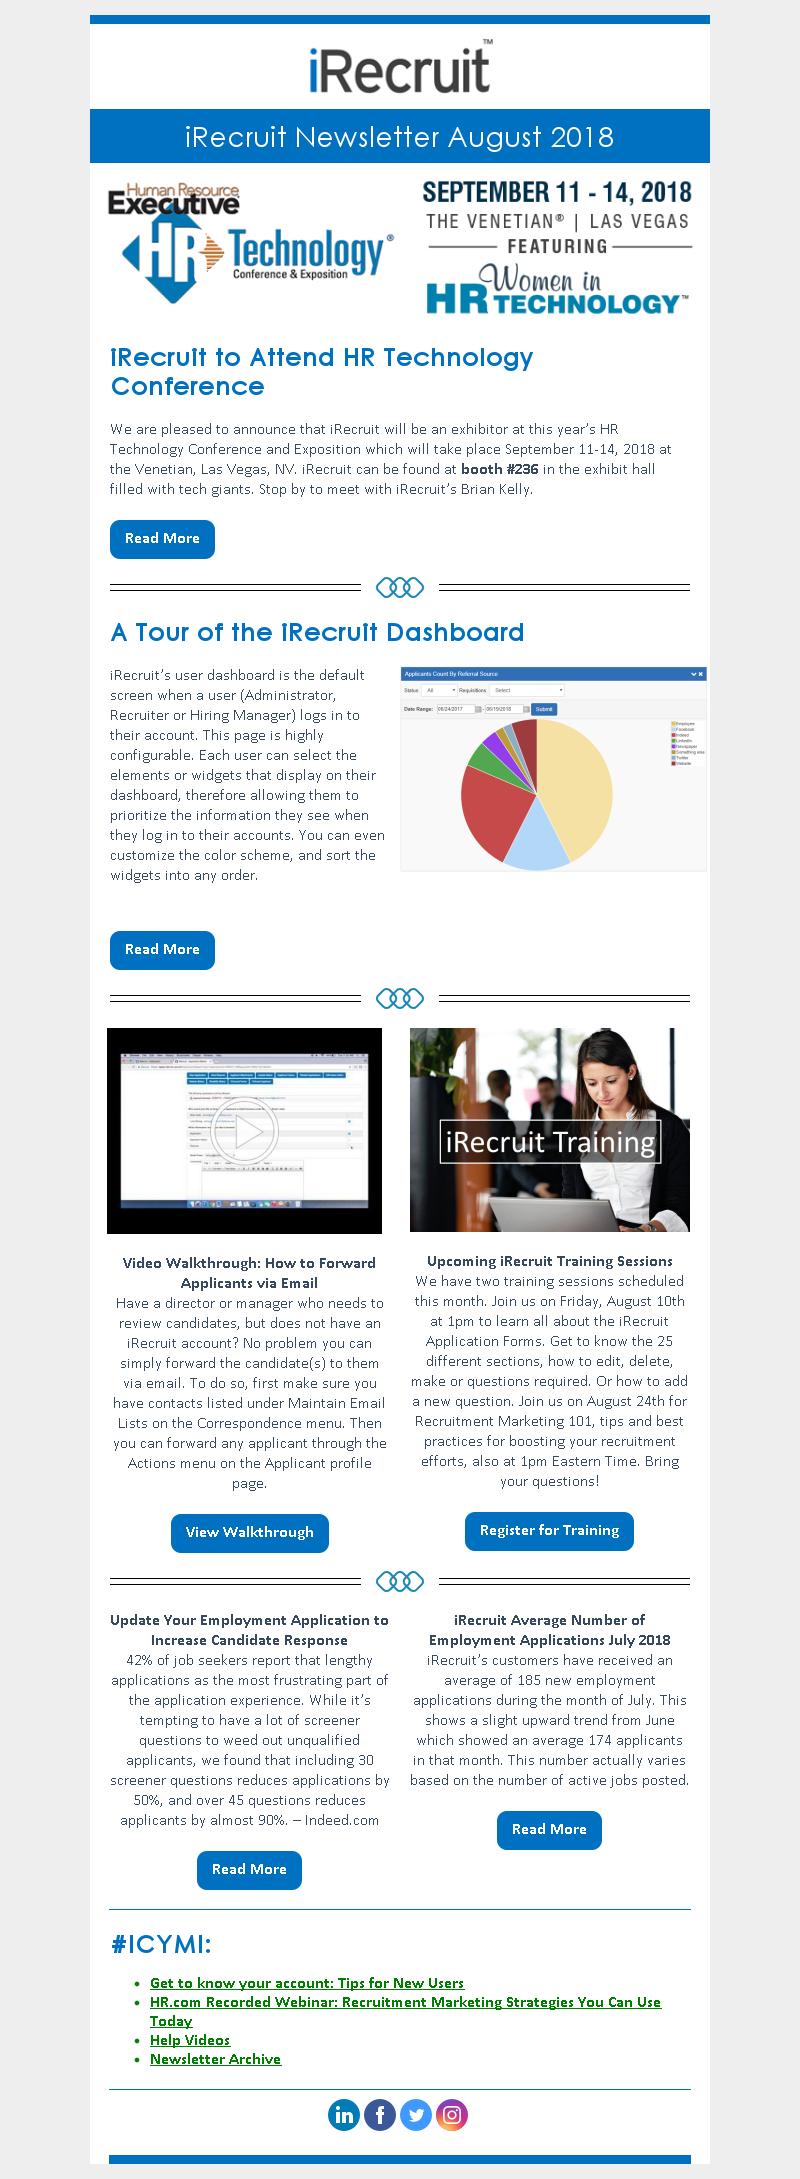 iRecruit Customer Newsletter August 2018